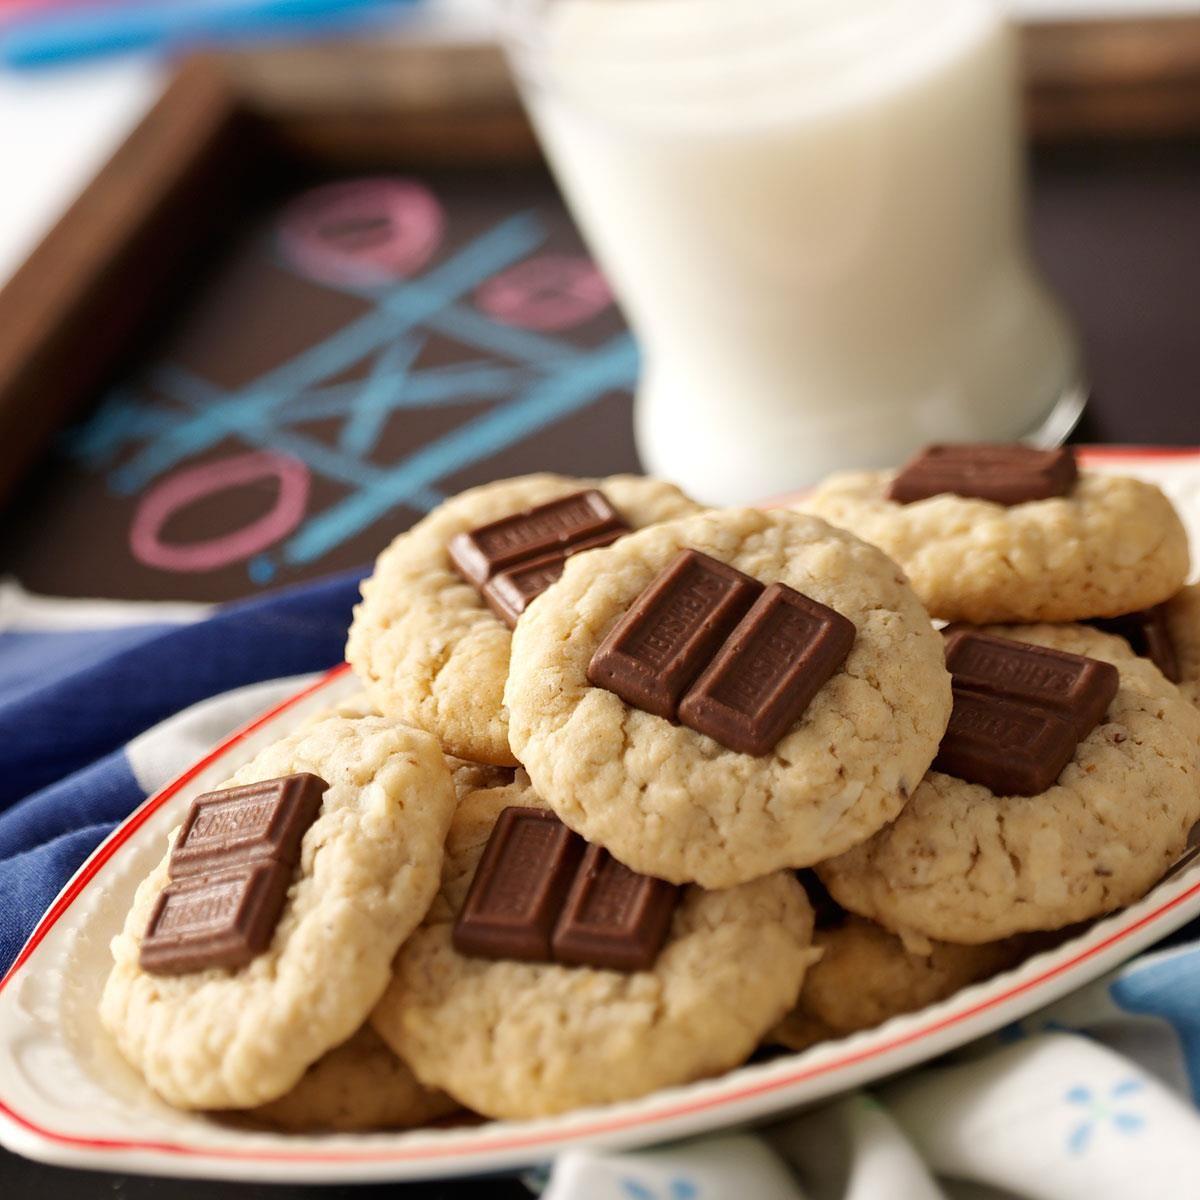 My Kids Favorite Cookies Recipe Favorite Cookie Recipe Favorite Cookies Cookie Recipes